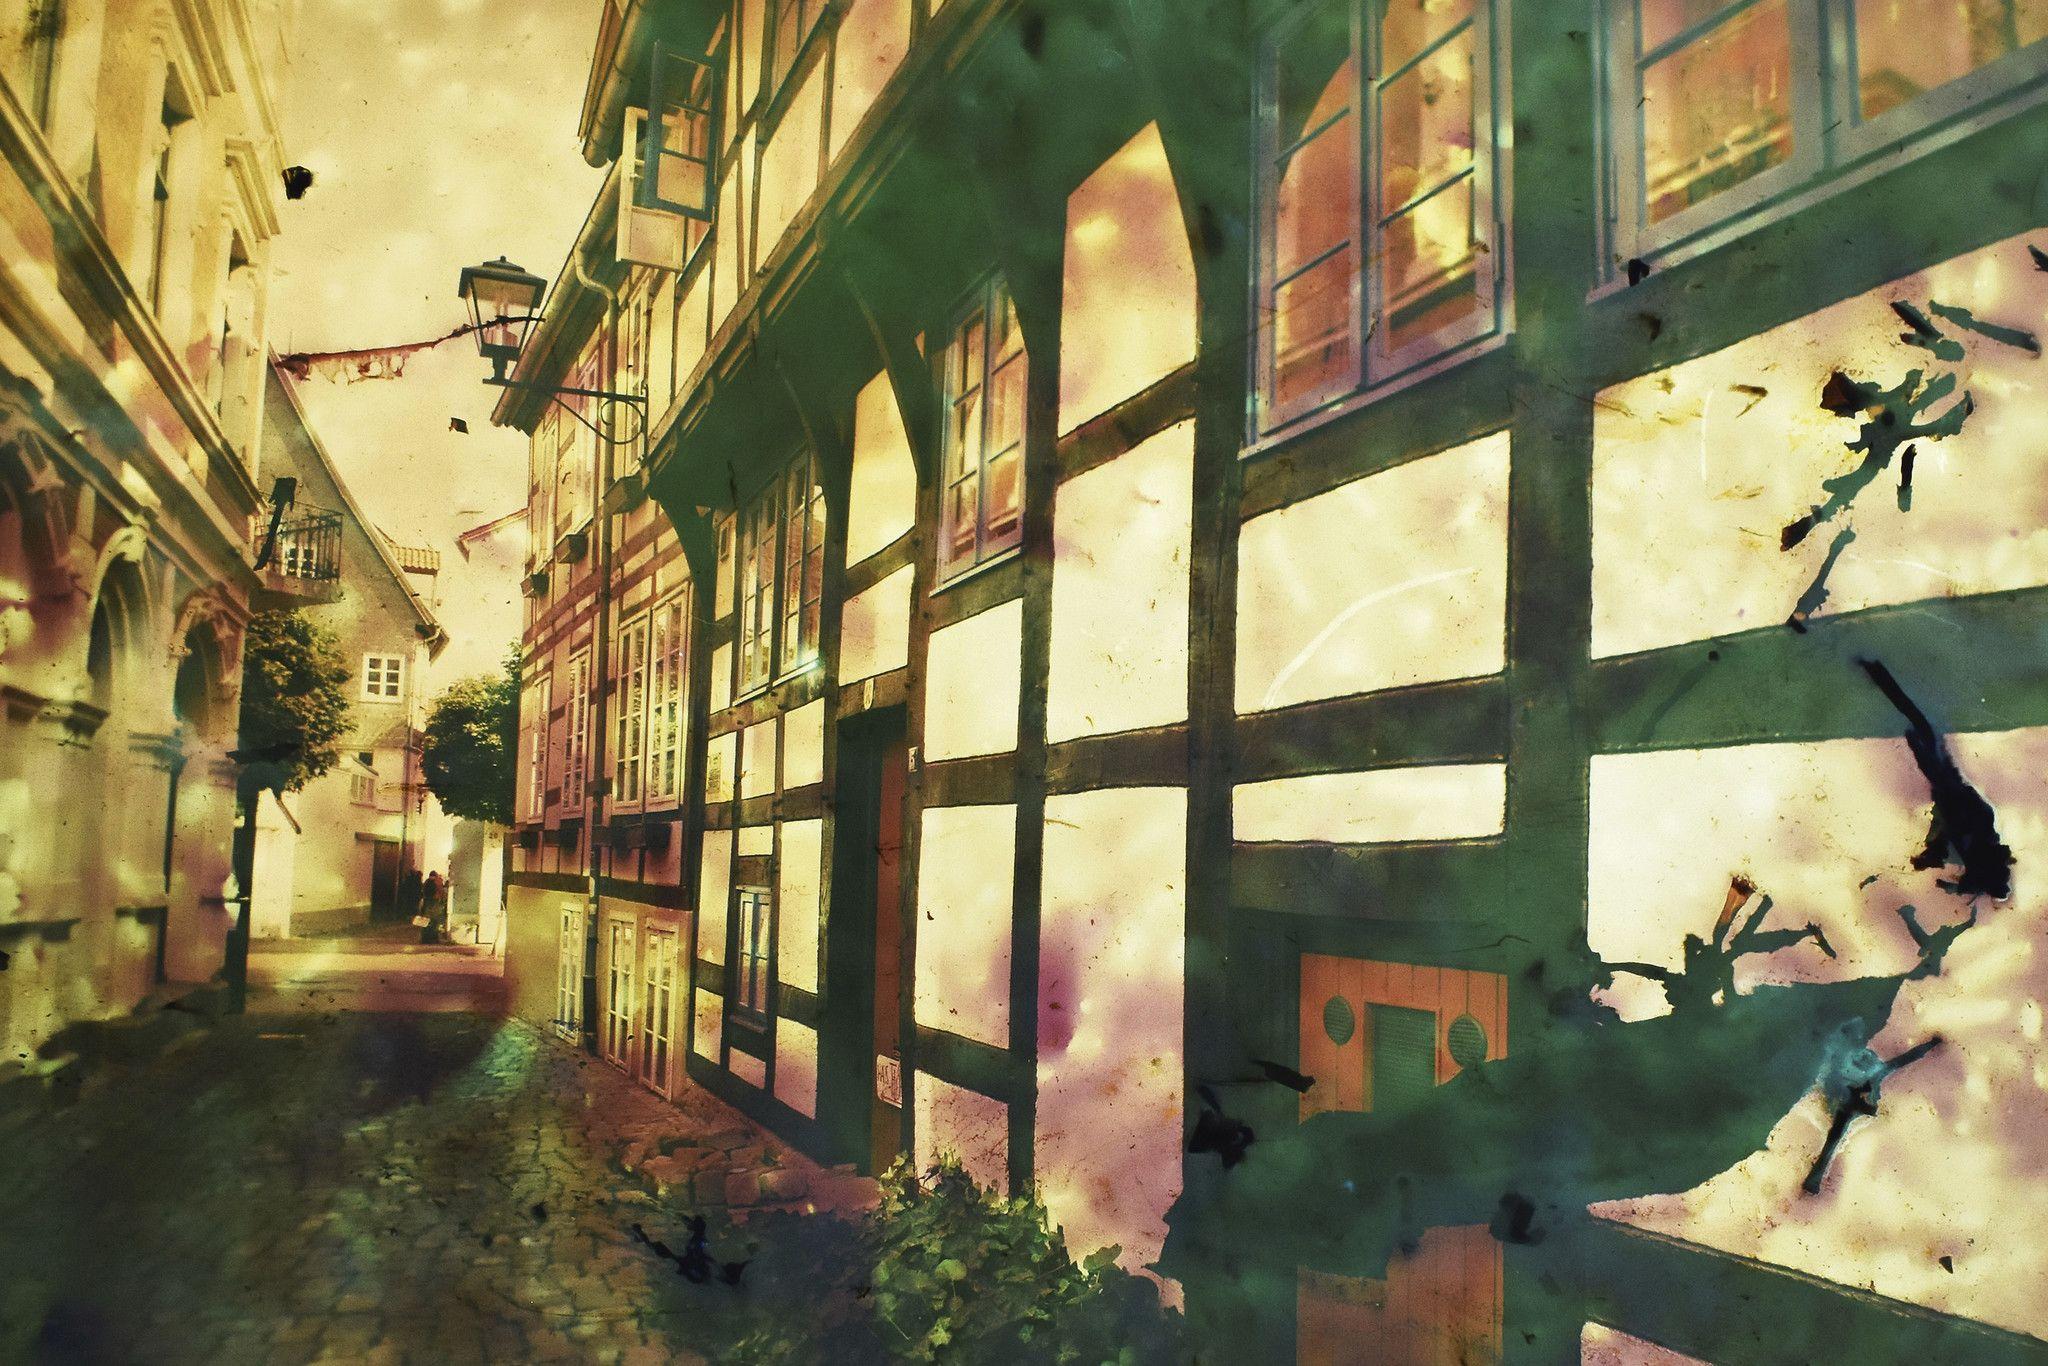 FOTOGRAFIA GUSE - BORNEMANN ' CASE A GRATICCIO '  dimensioni L 75 x H 50 cm.